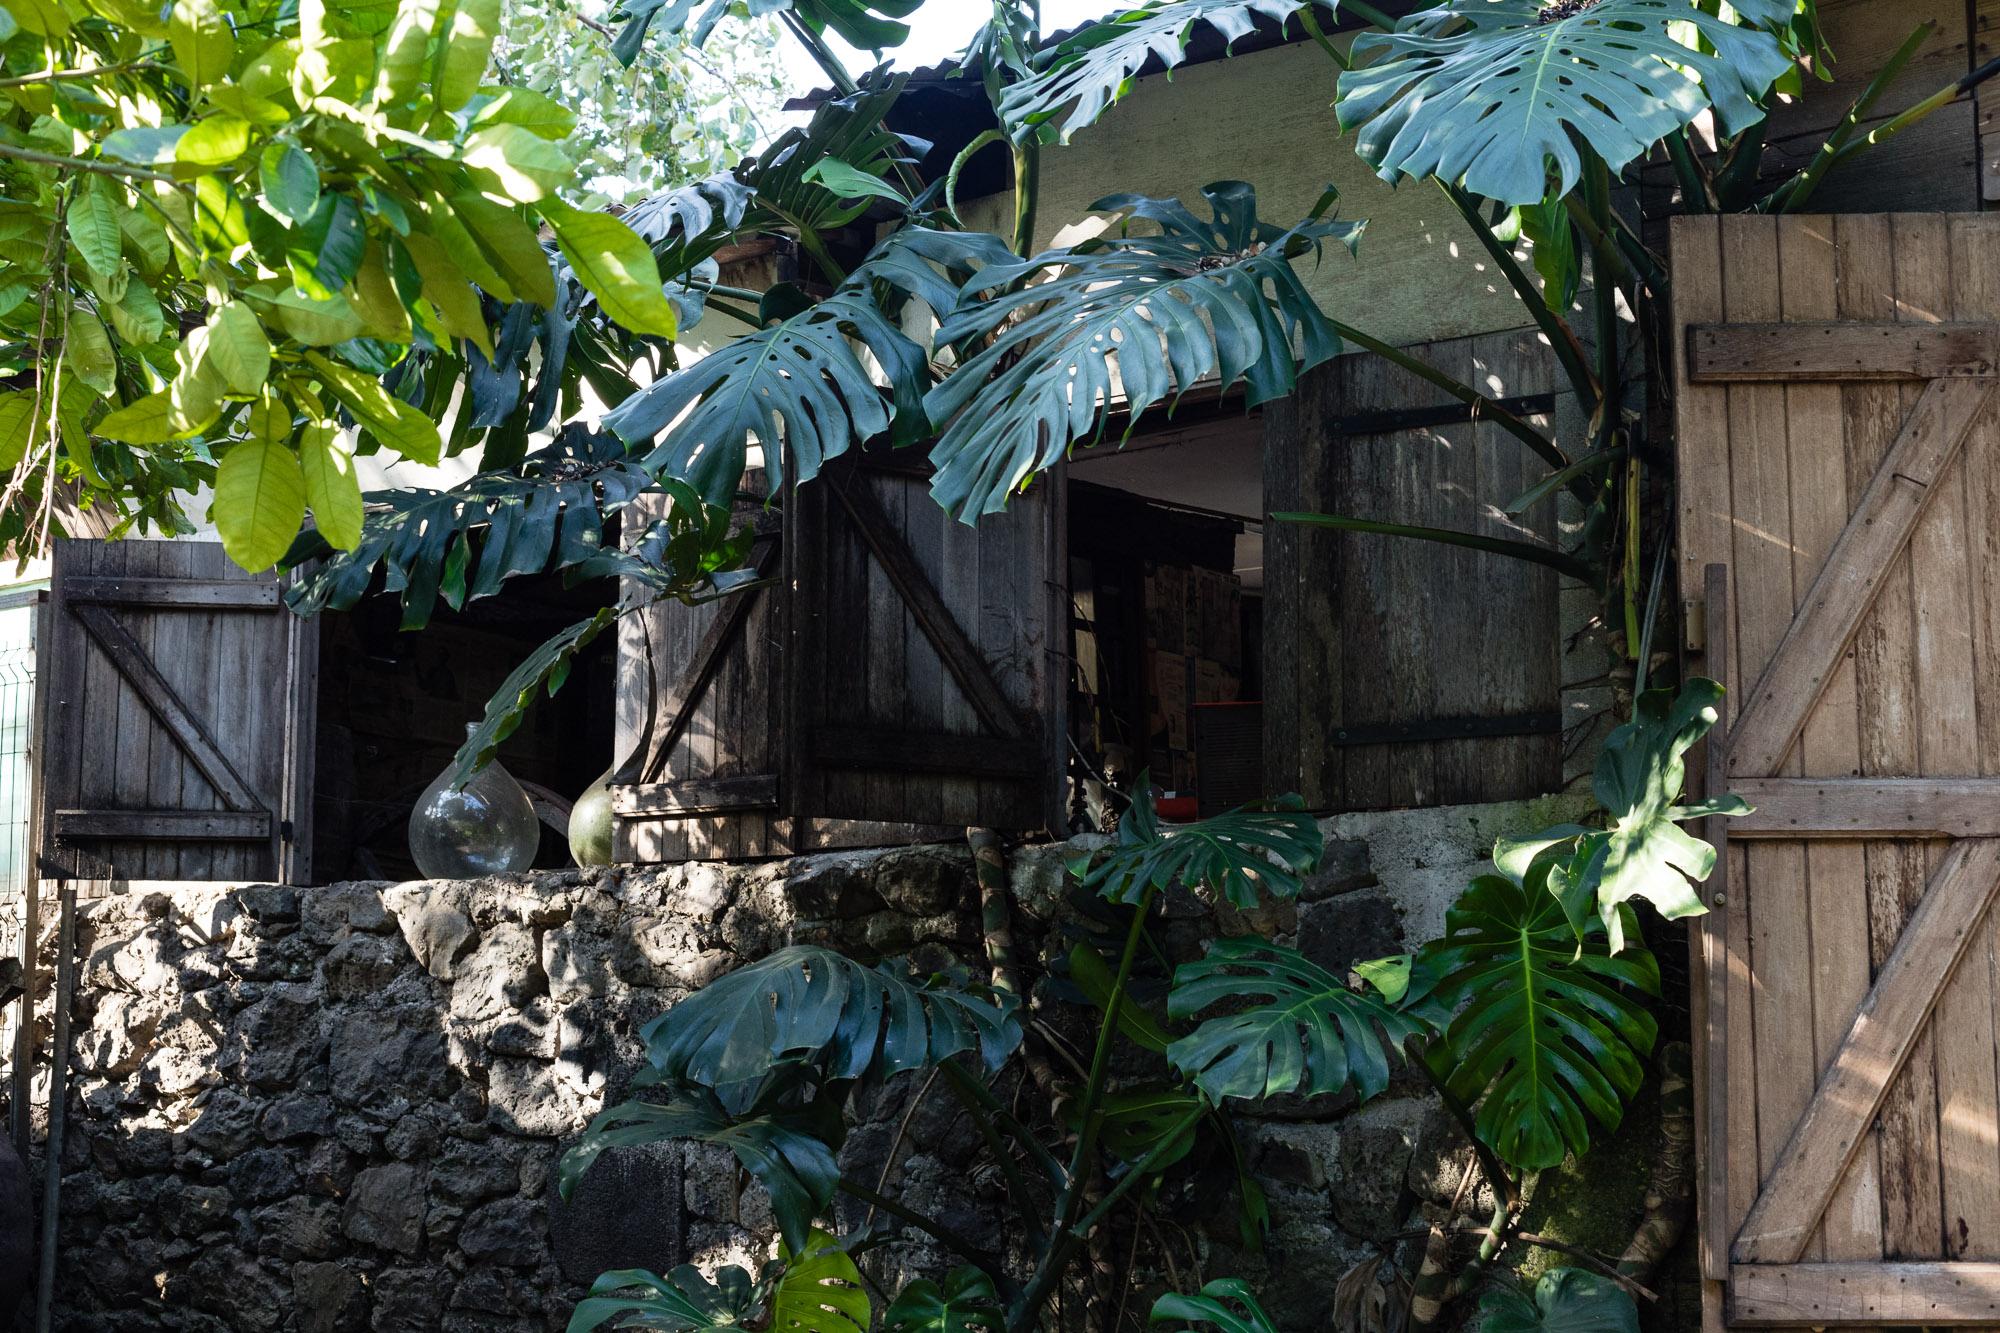 Case créole sous la végétation, village des Engagés malgaches, Vieux Domaine, Réunion